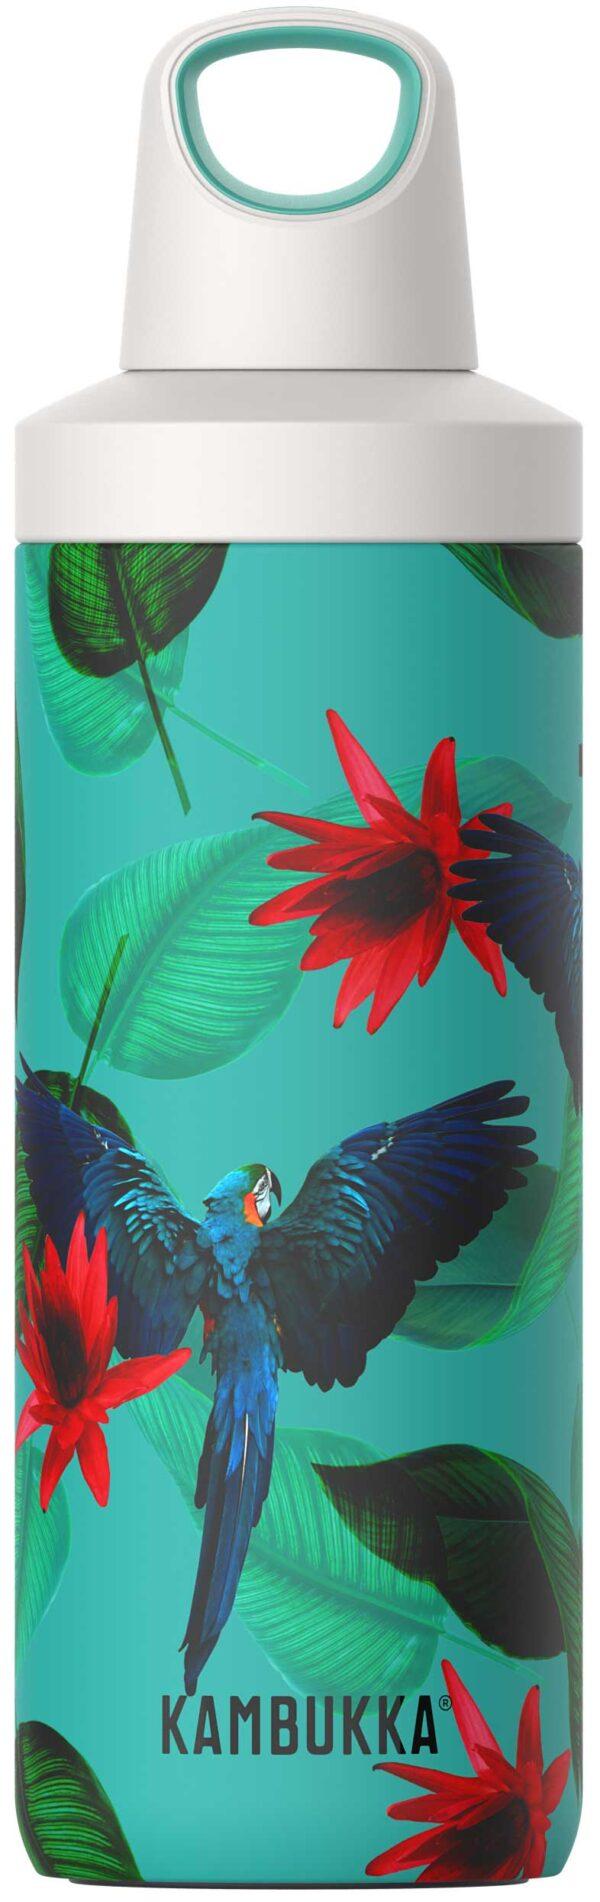 """בקבוק שתיה תרמי 500 מ""""ל תוכים קמבוקה Kambukka Parrots"""